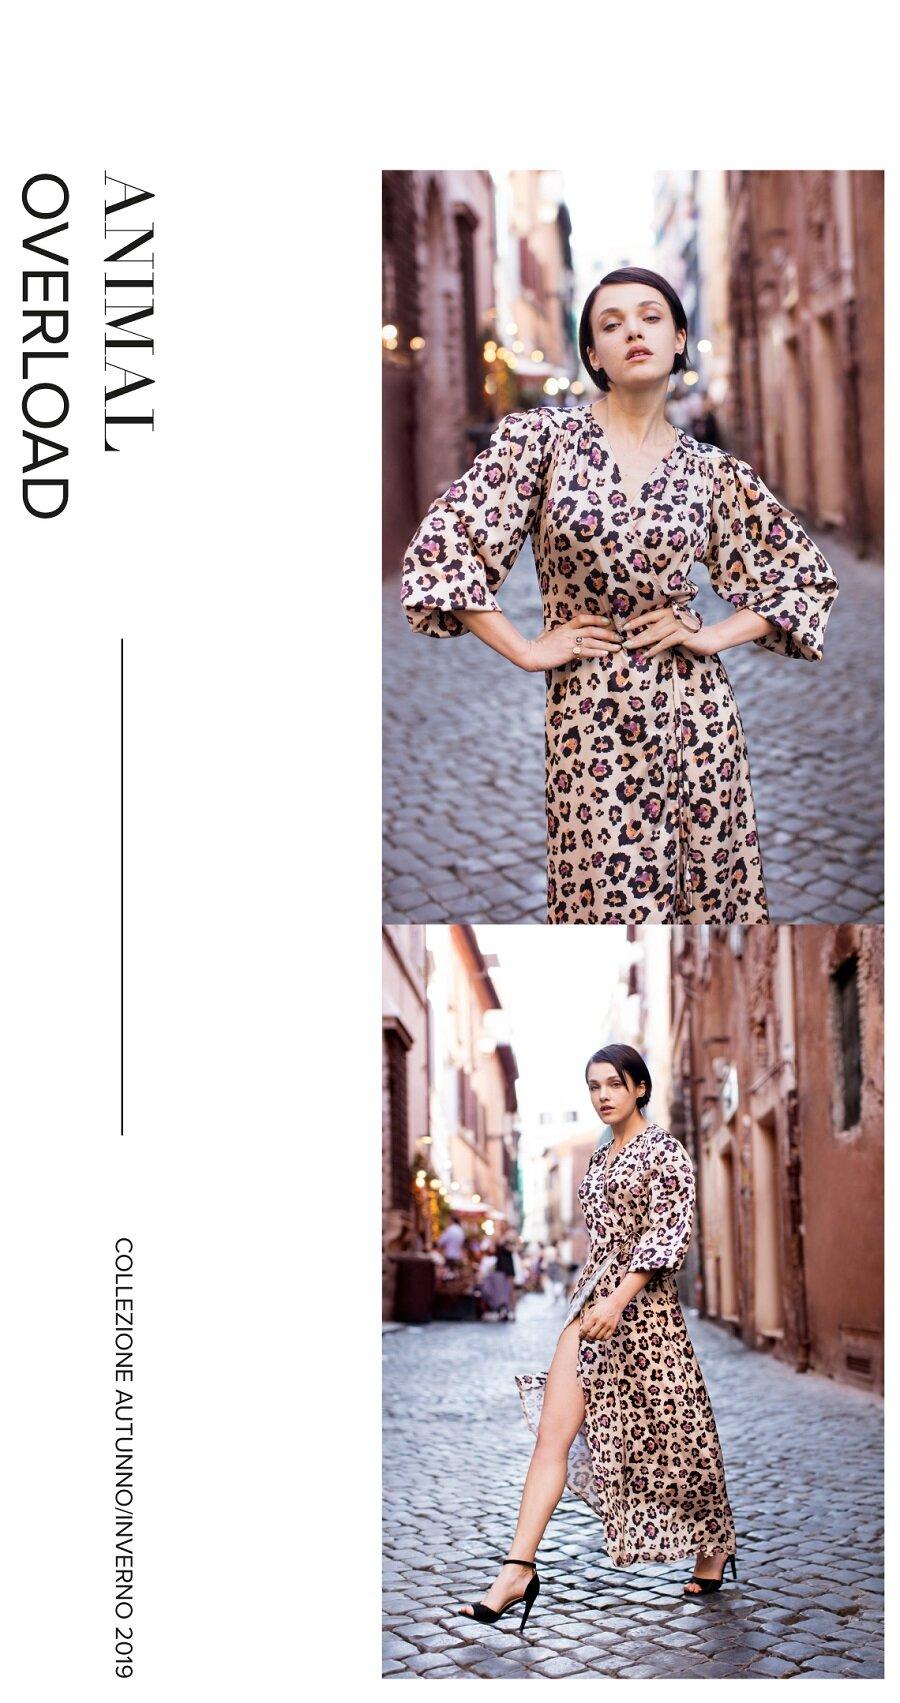 Zuiki 2020 catalogo prezzi primavera estate | Smodatamente